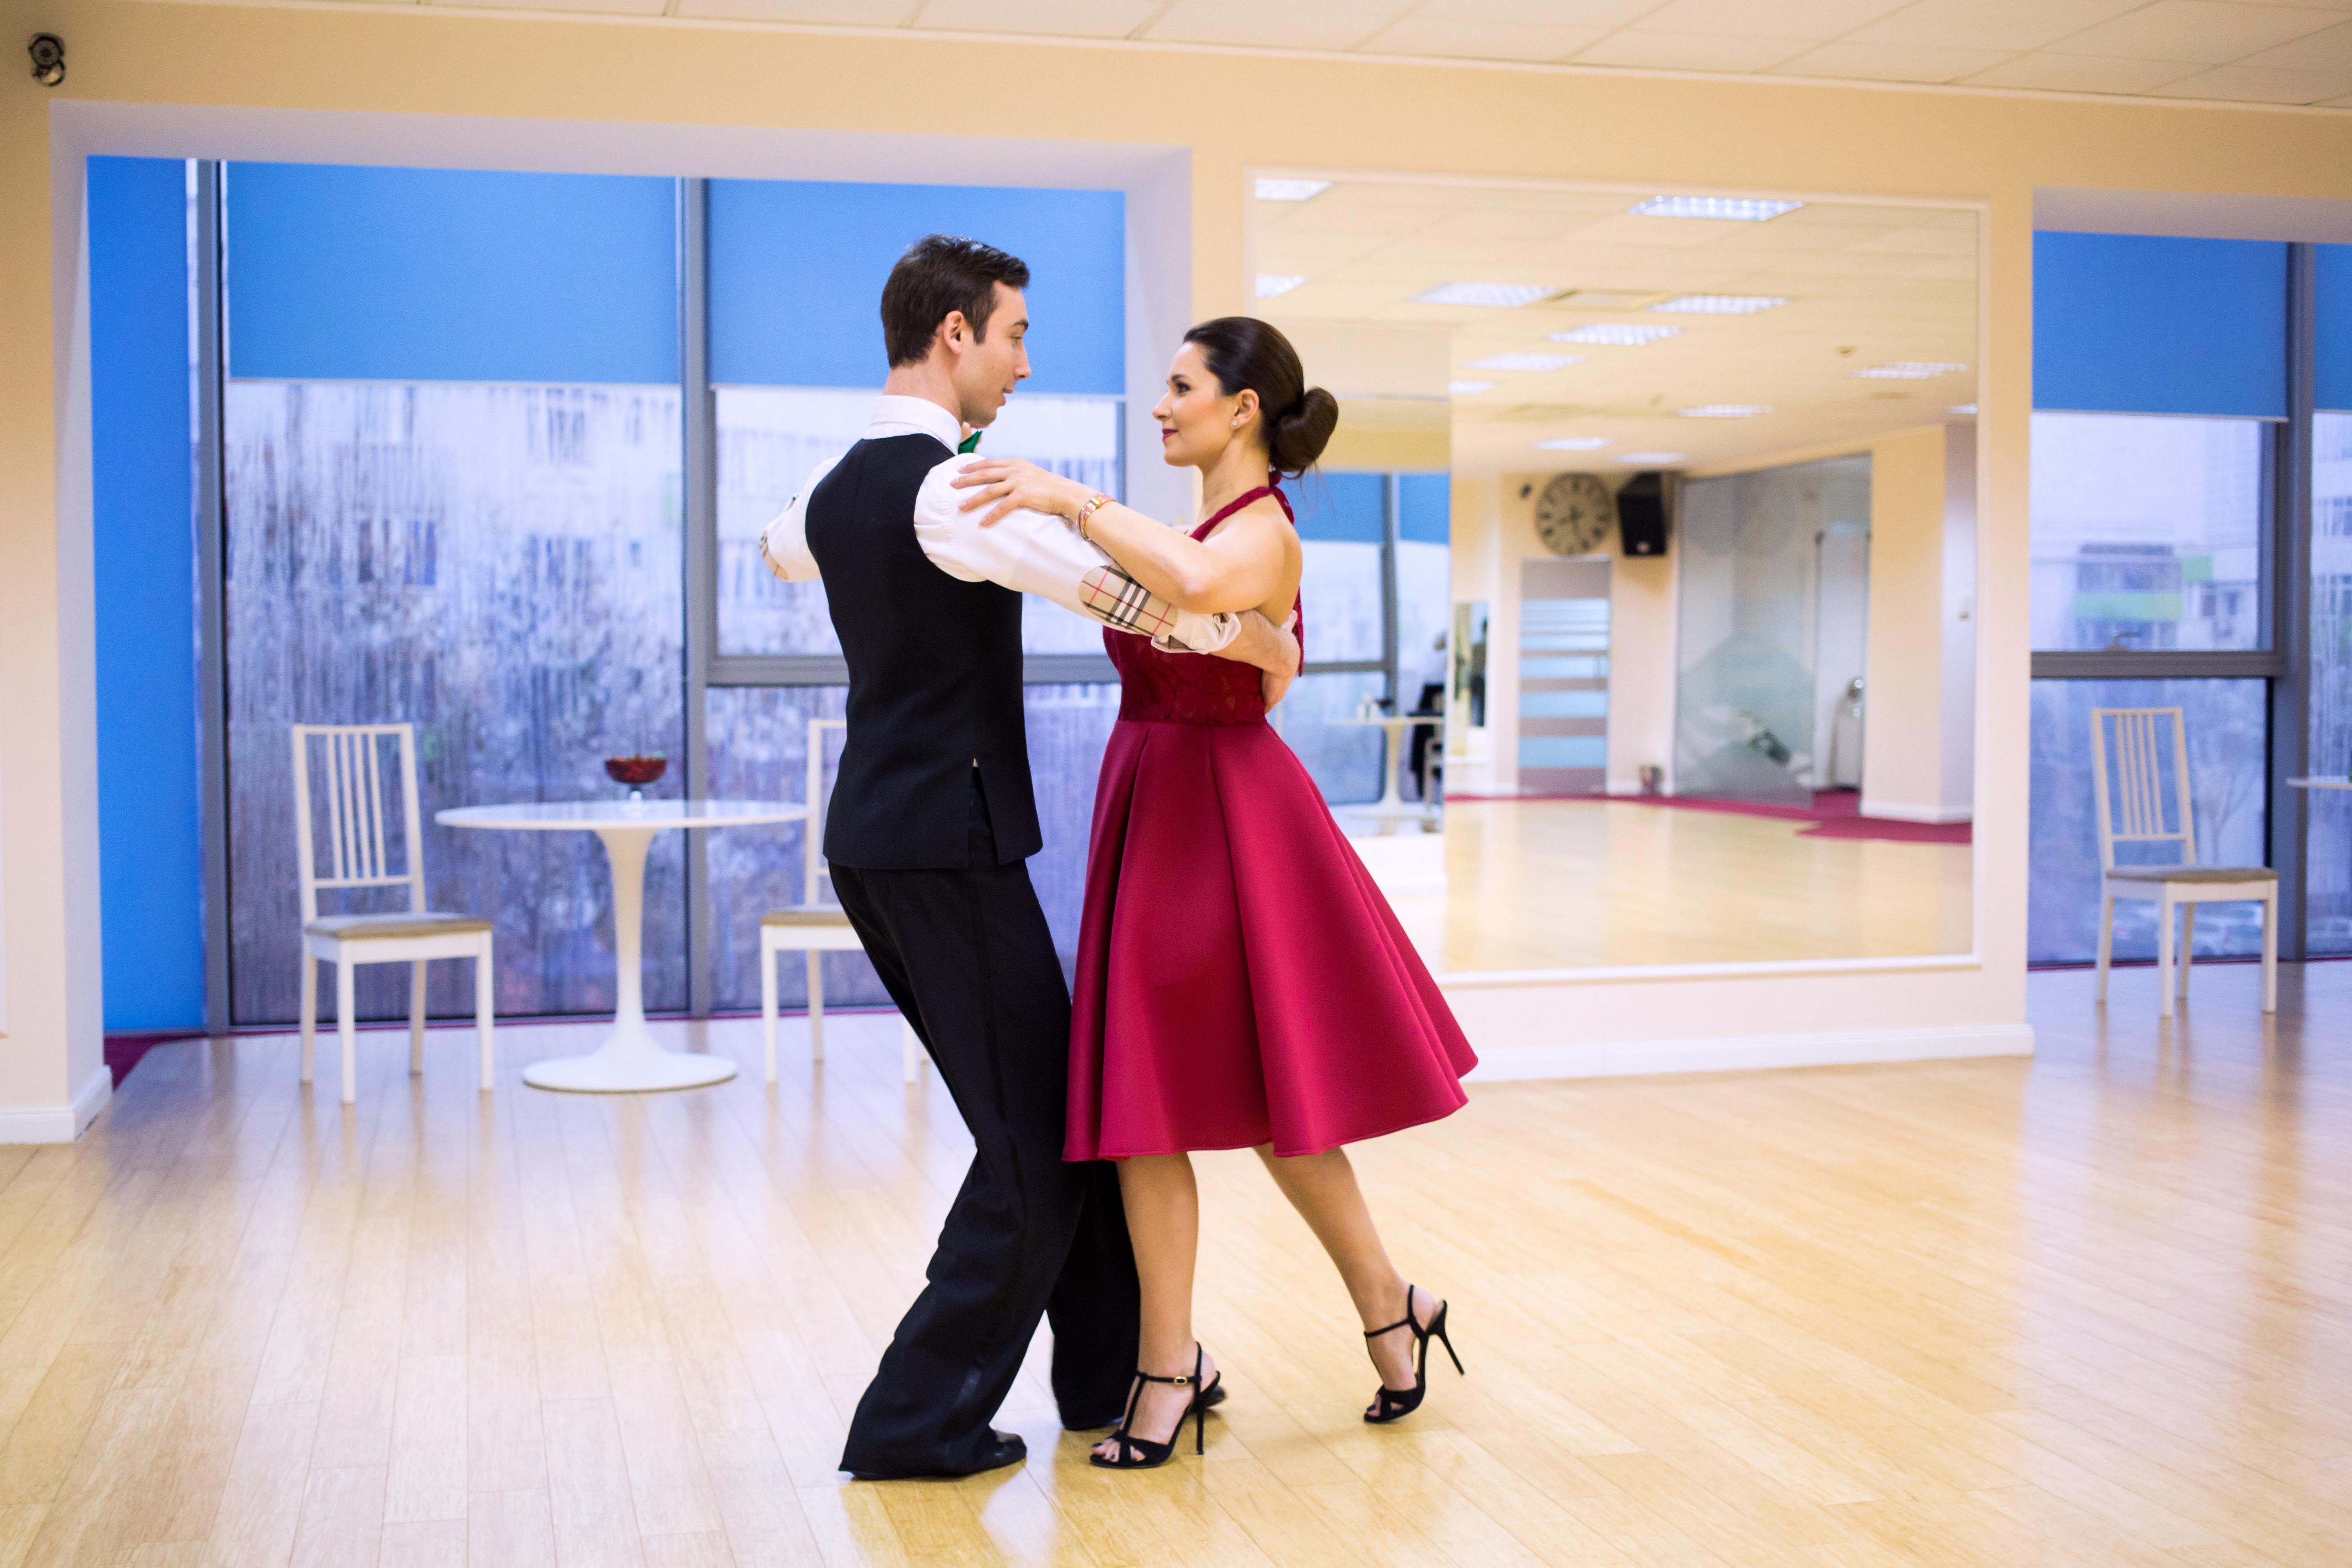 Tango și rumba sau de ce m-am mai îndrăgostit în ultima vreme